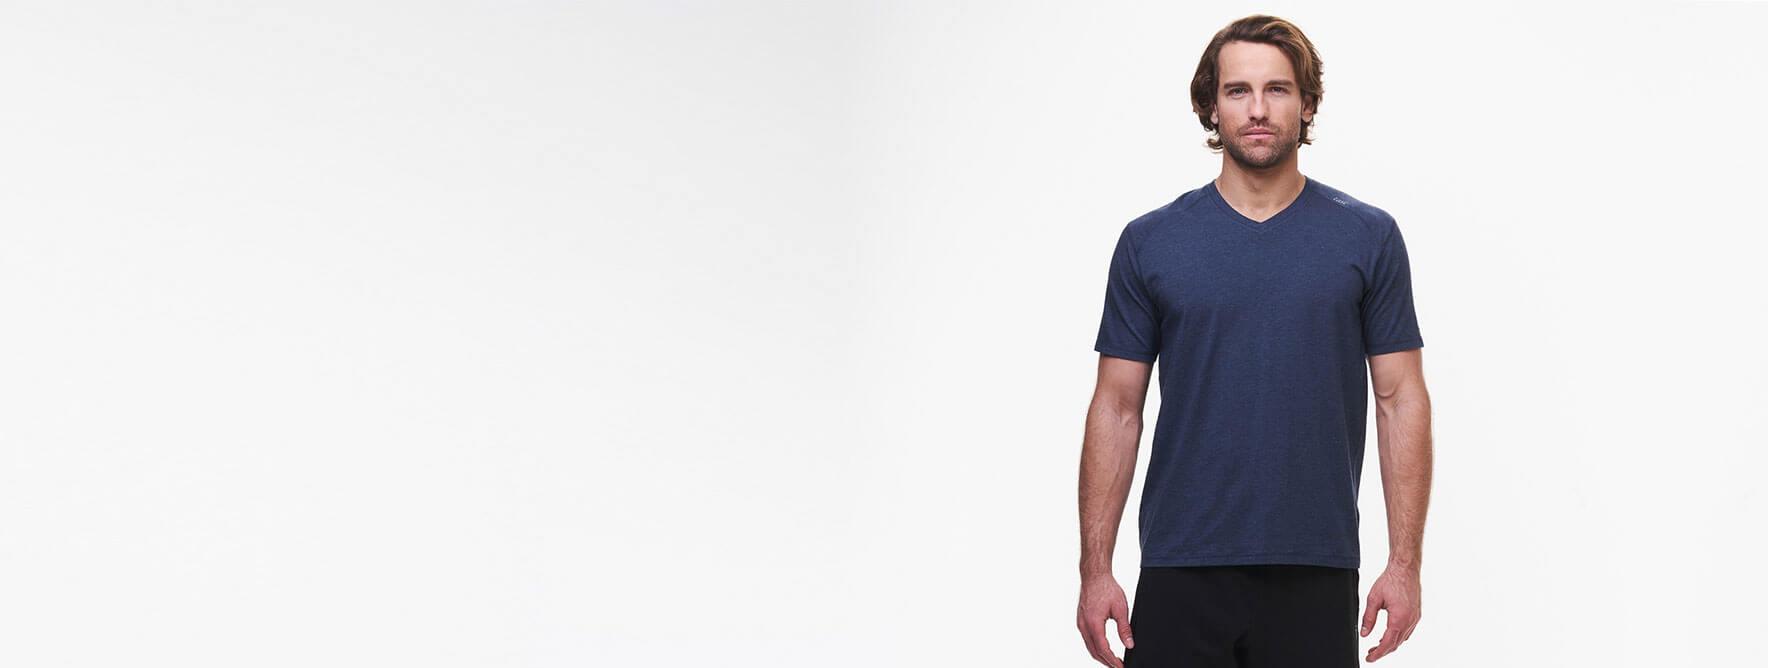 Men's V-neck t-shirt collection